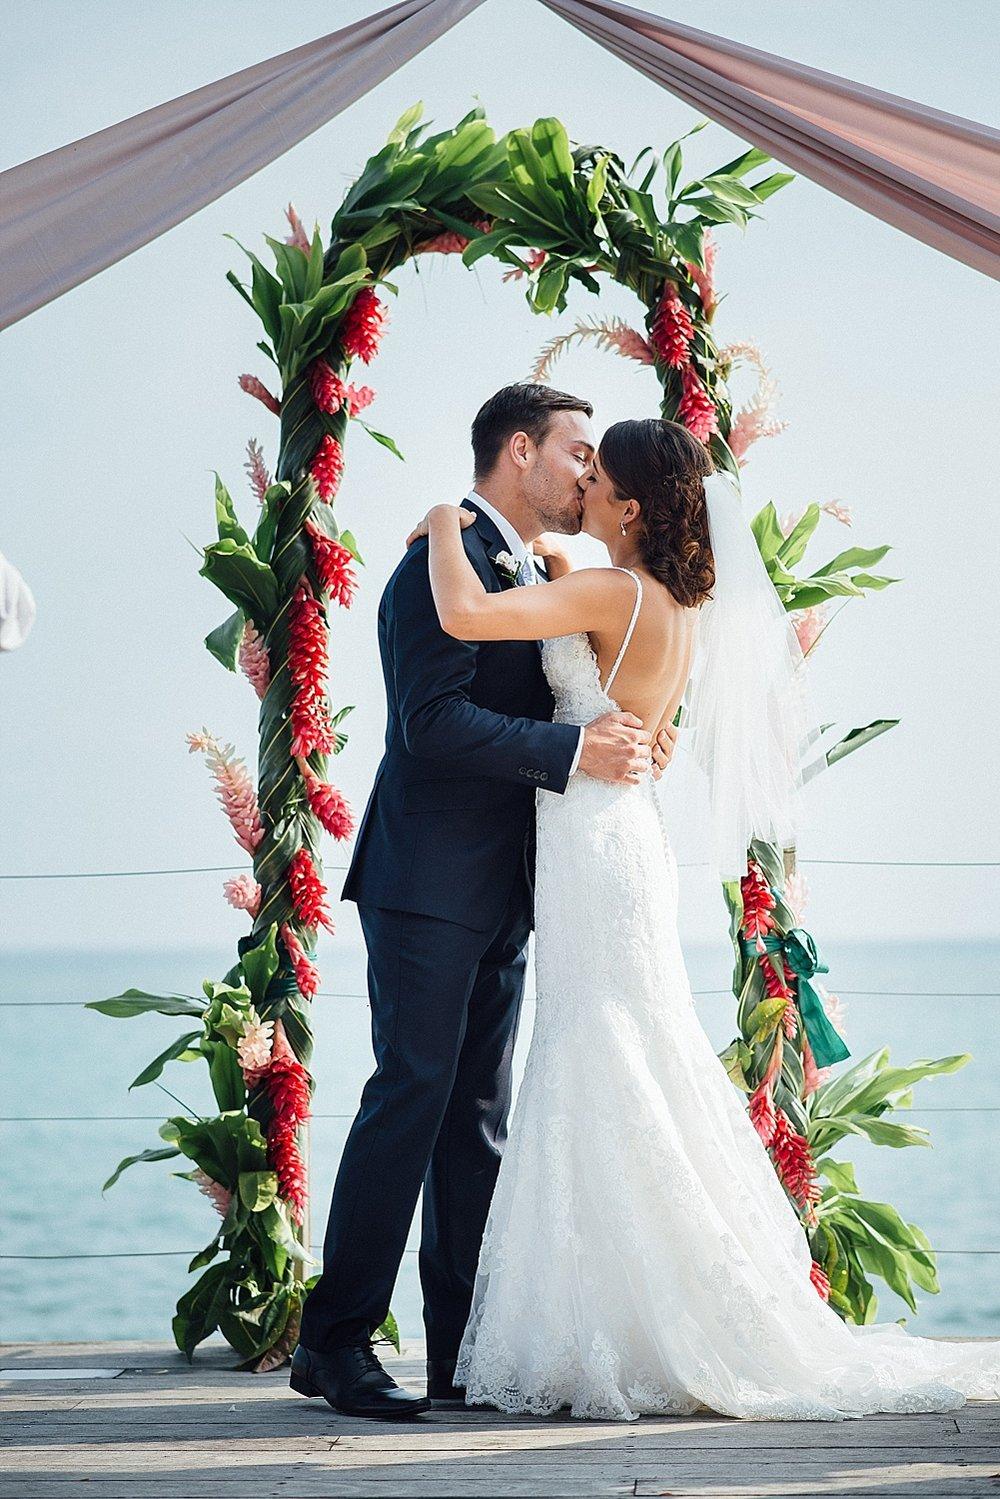 KateJake-WeddingPhotography-WarwickLeLagon-GroovyBanana-VanuatuPhotographers_0011.jpg